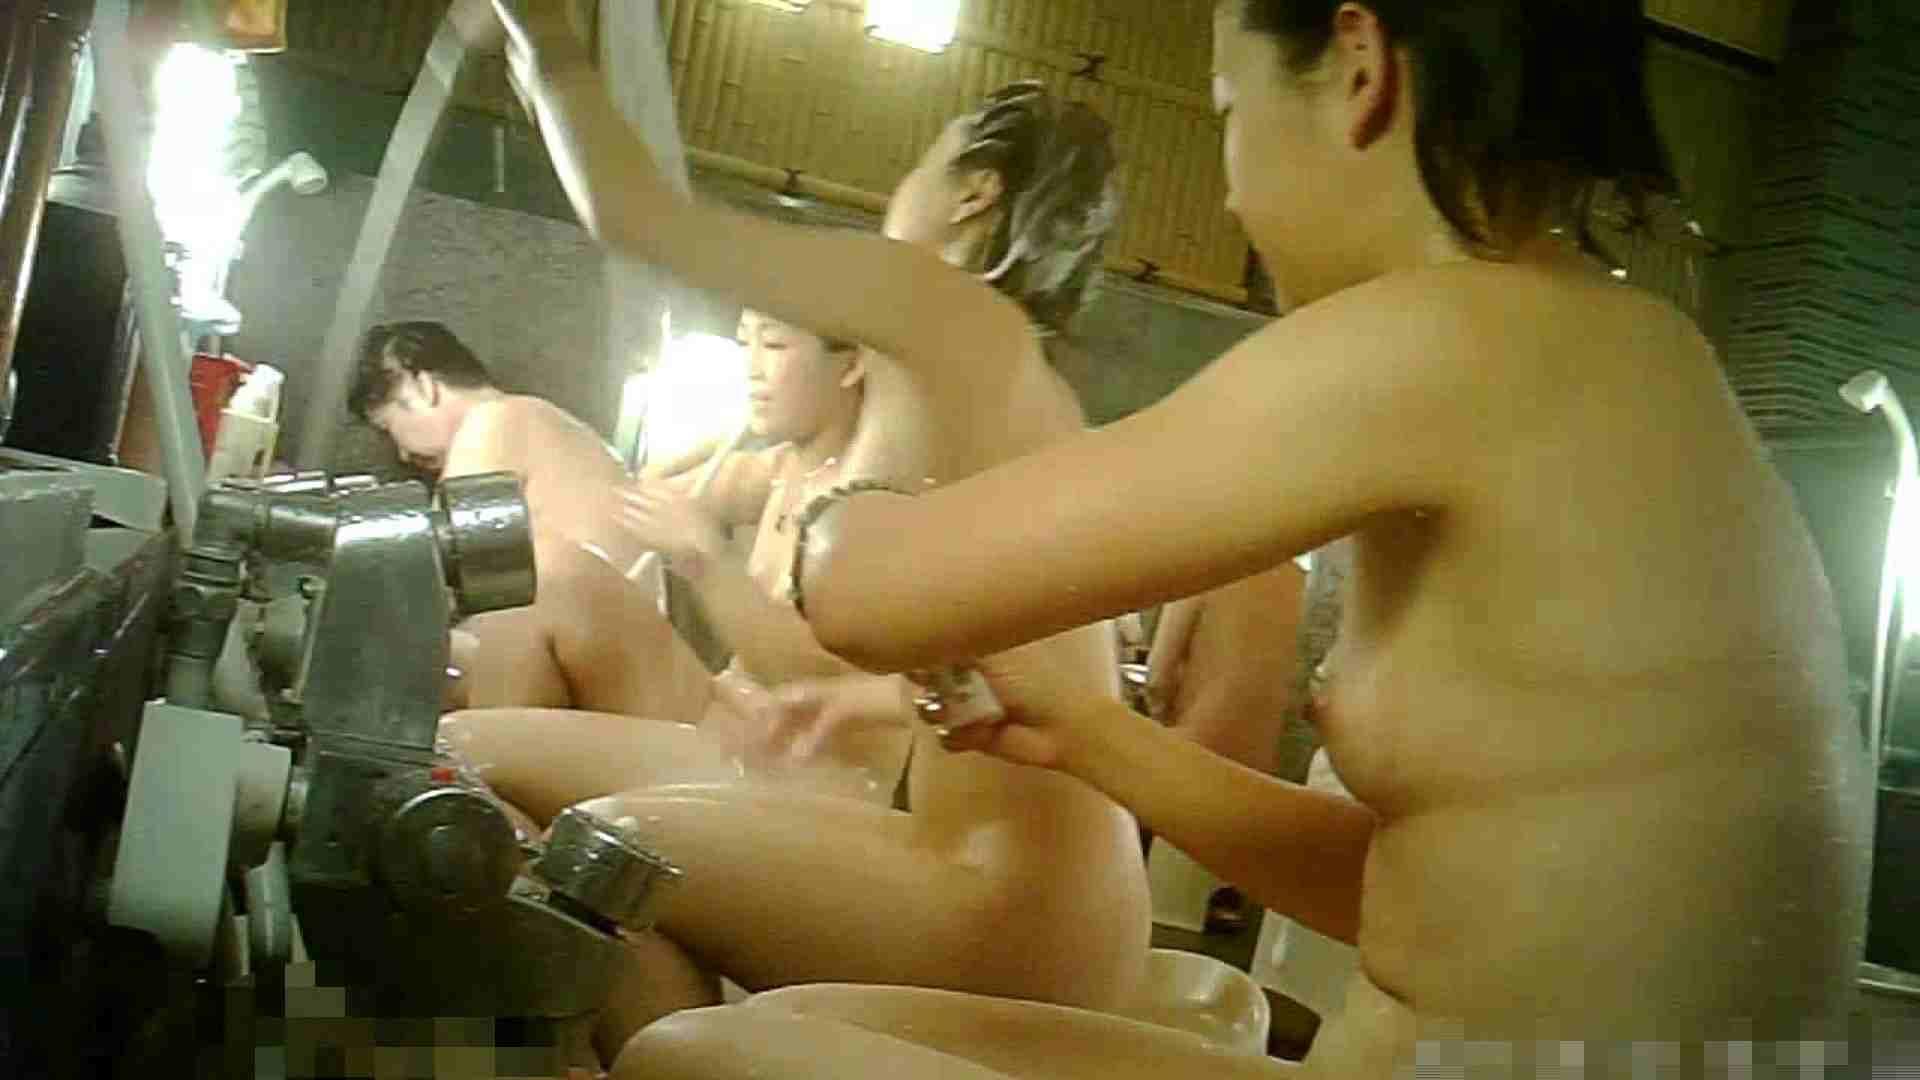 手を染めてしまった女性盗撮師の女風呂潜入記 vol.006 盗撮 AV無料動画キャプチャ 56PIX 17